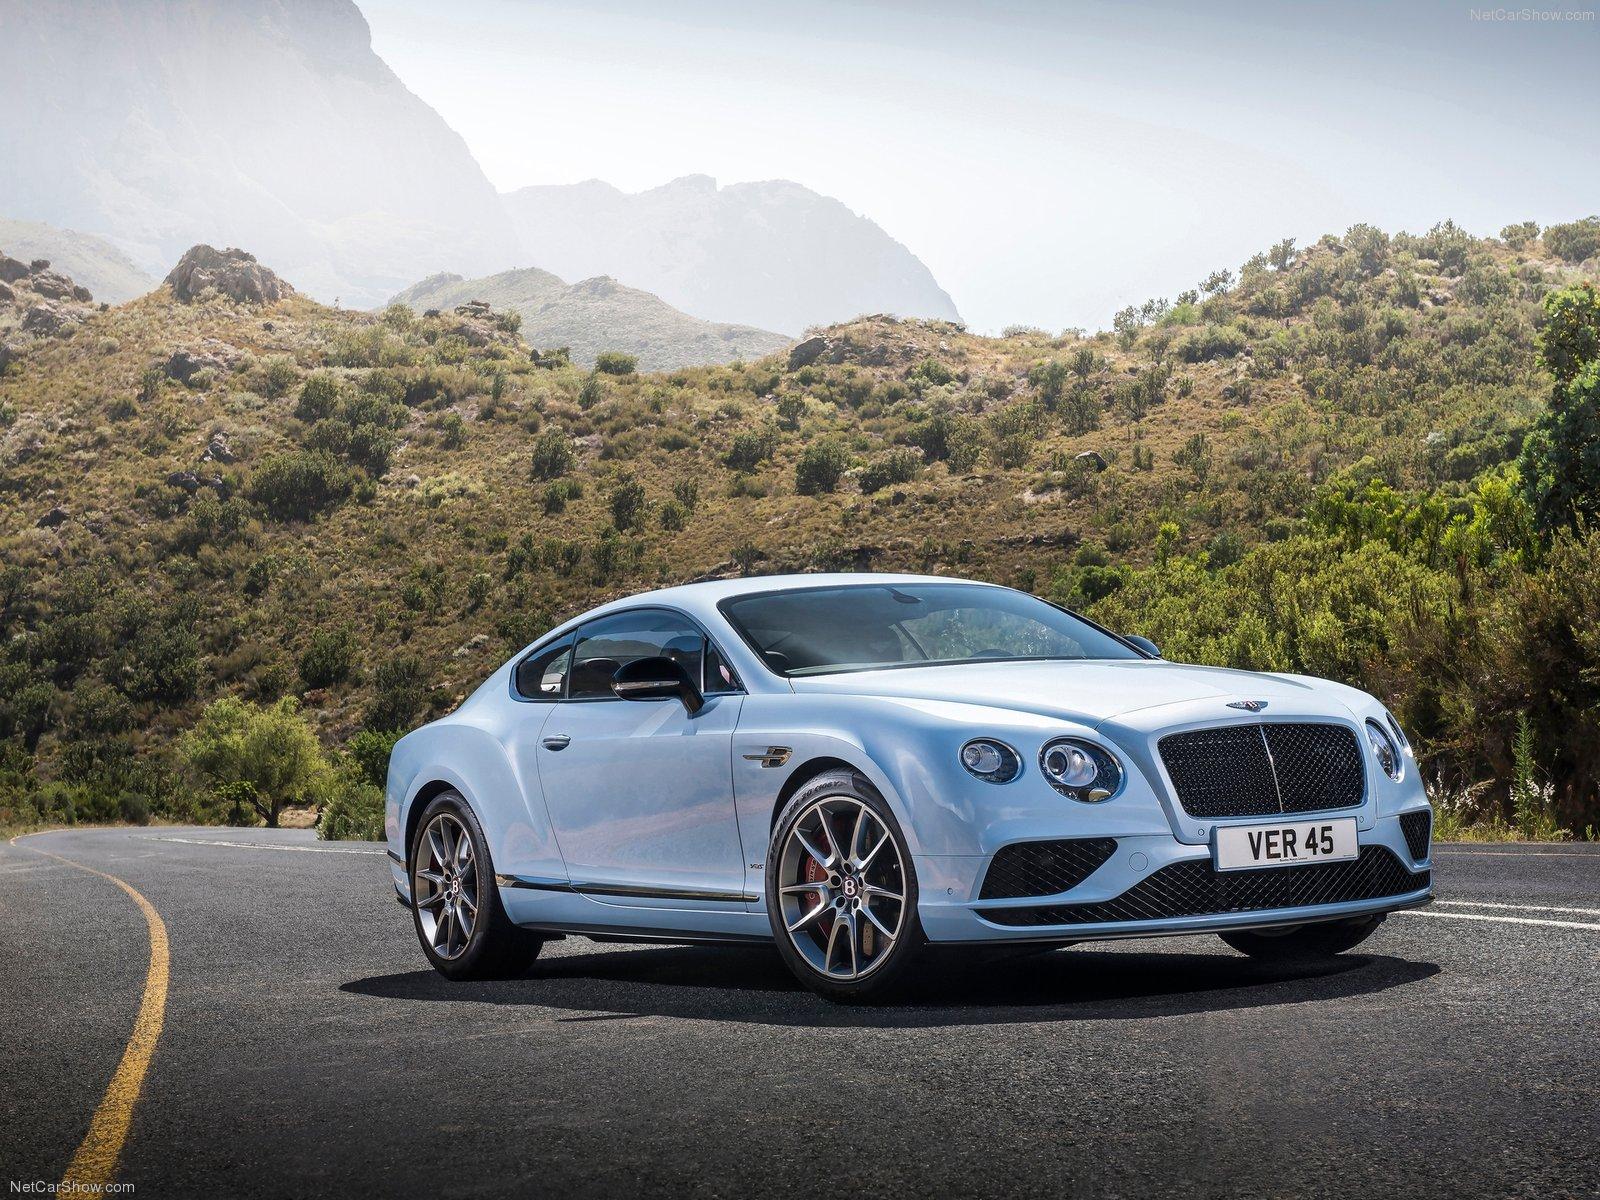 Hình ảnh xe ô tô Bentley Continental GT V8 S 2016 & nội ngoại thất